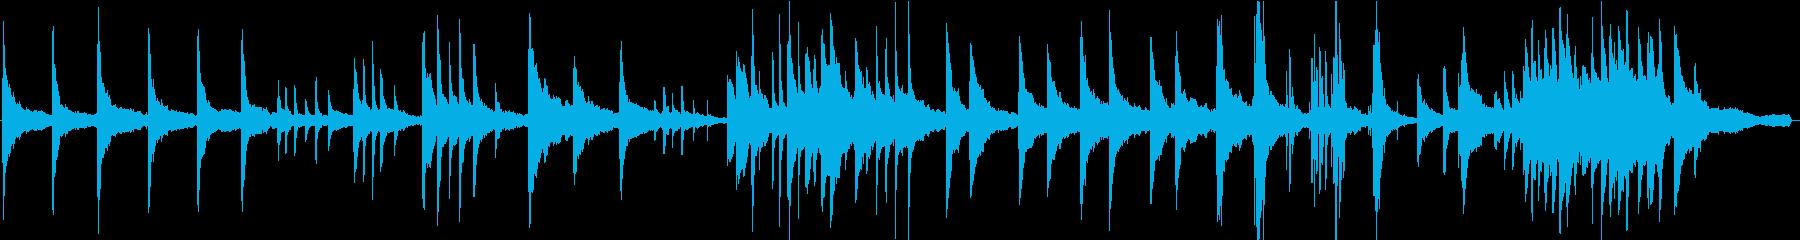 ヒーリングピアノ組曲 ただよう 5の再生済みの波形